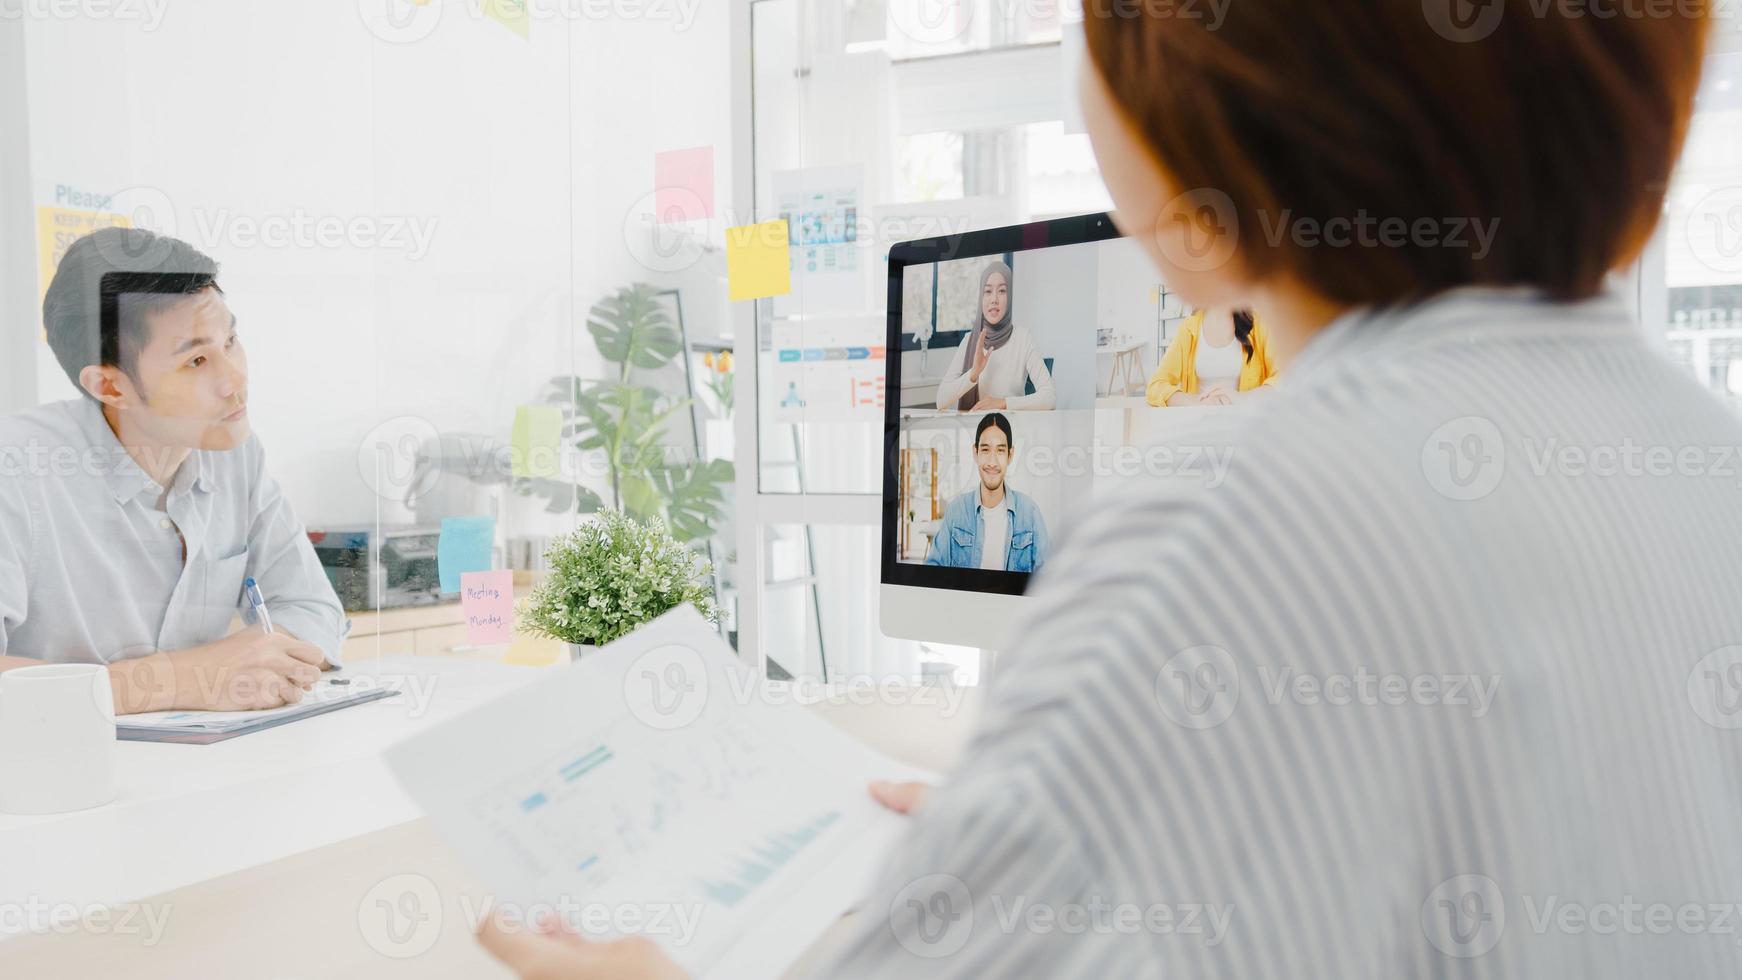 les hommes d'affaires asiatiques utilisant le bureau parlent à des collègues discutant d'un remue-méninges d'entreprise sur le plan d'une réunion par appel vidéo dans un nouveau bureau normal. mode de vie distanciation sociale et travail après le virus corona. photo